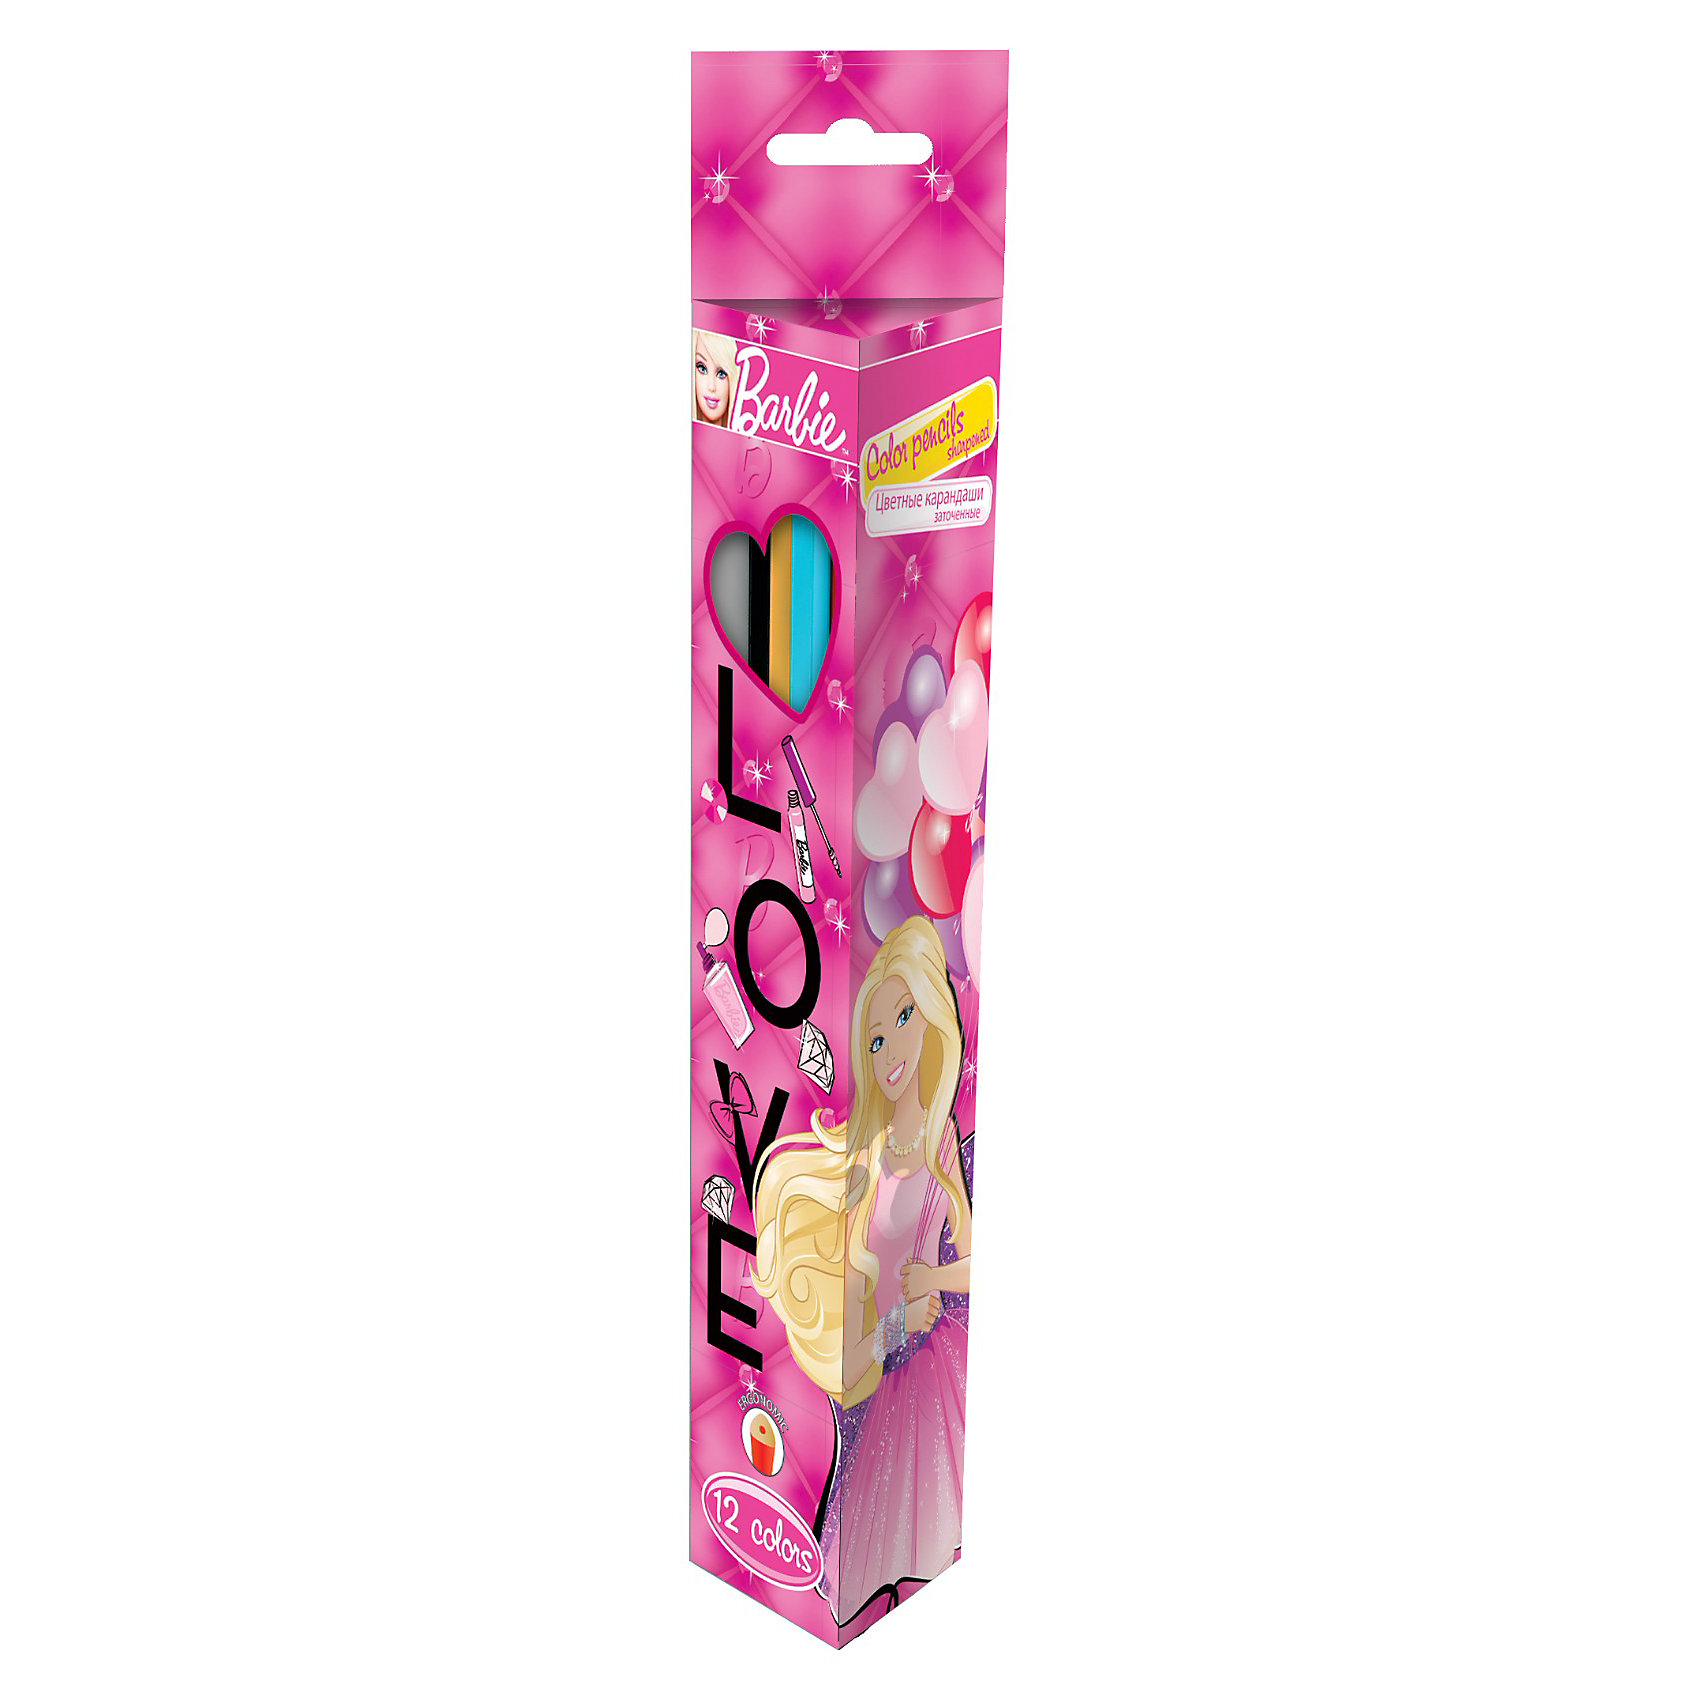 Цветные карандаши (треугольные), 12 шт, BarbieЦветные карандаши (треугольные), 12 шт, Barbie (Барби) изготовлены из высококачественной древесины. Карандаши имеют не совсем привычный треугольный профиль и упакованы в коробку из мелованного картона с картинкой в стиле Барби.<br><br>Рисование способствует развитию мелкой моторики рук, внимания, творческих и художественных способностей ребенка. <br><br>Подарите Вашему ребенку праздник творчества!<br><br>Дополнительная информация:<br><br>- Размер упаковки: 21,5 х 4,5 х 2,5 см<br>- Вес: 150 г.<br><br>Цветные карандаши (треугольные), 12 шт, Barbie (Барби) можно купить в нашем интернет-магазине.<br><br>Ширина мм: 215<br>Глубина мм: 45<br>Высота мм: 25<br>Вес г: 150<br>Возраст от месяцев: 96<br>Возраст до месяцев: 108<br>Пол: Женский<br>Возраст: Детский<br>SKU: 3563152